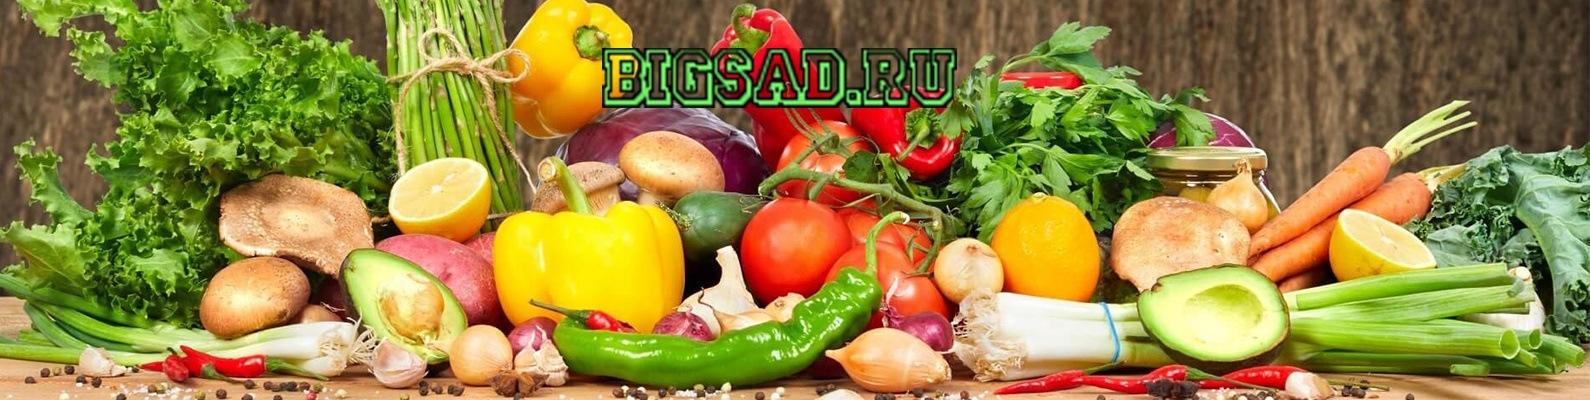 сибирский садовод семена официальный сайт интернет магазин